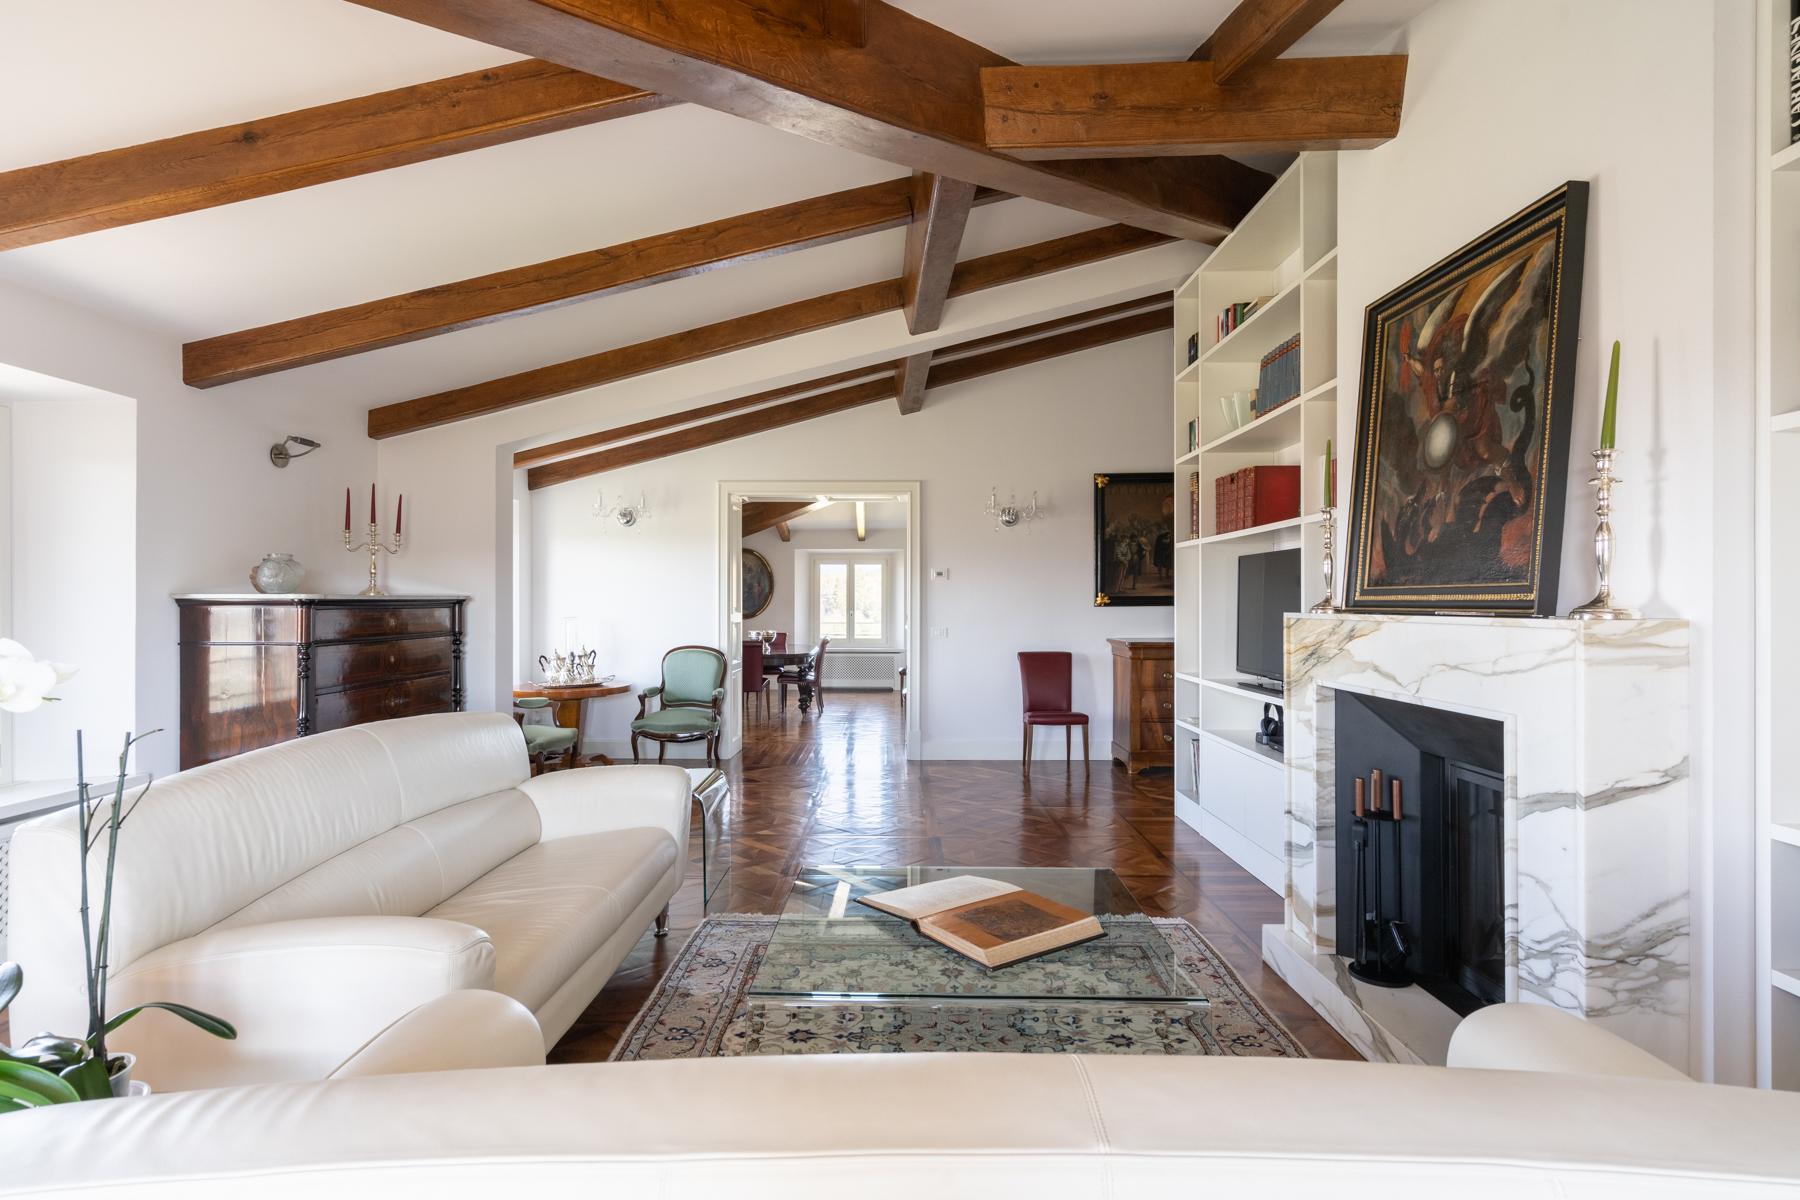 Magnifique appartement sur les collines de Florence avec piscine - 5